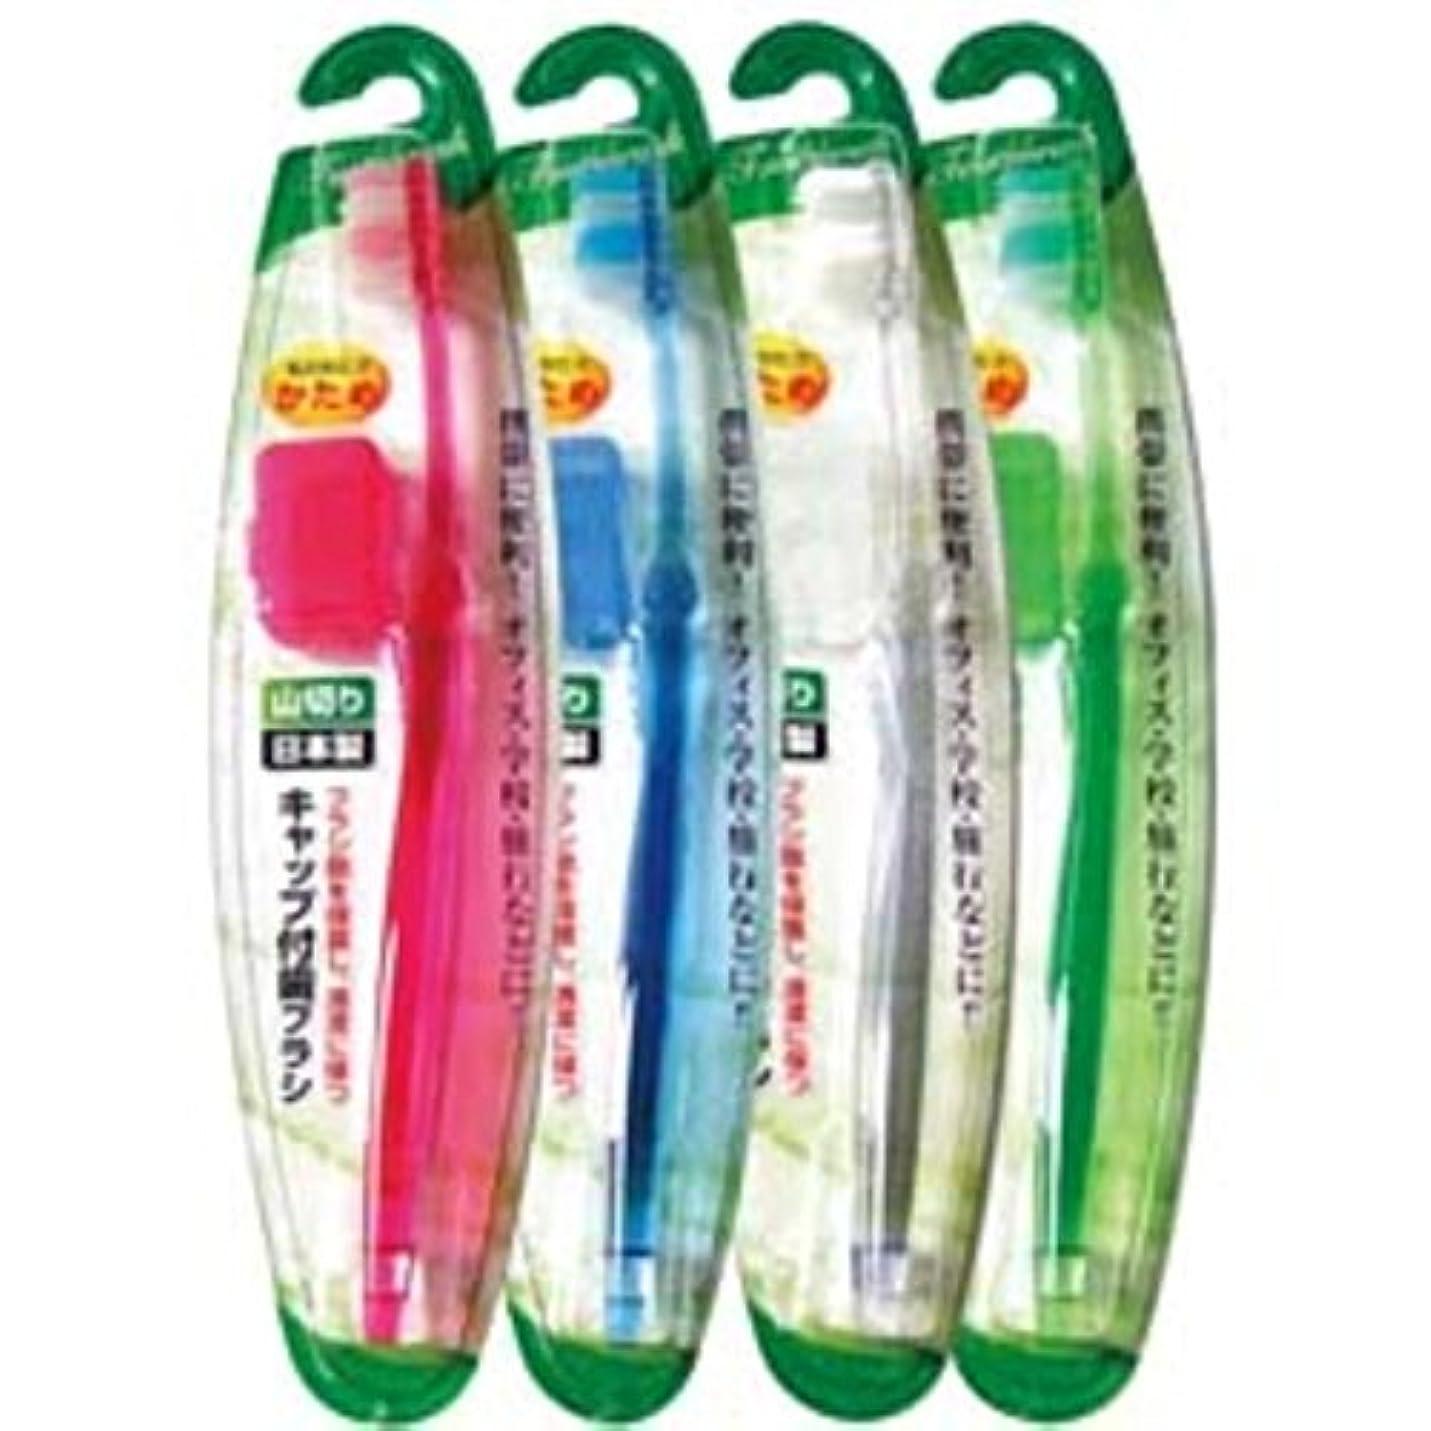 以下岸喉が渇いたキャップ付歯ブラシ山切りカット(かため)日本製 japan 【まとめ買い12個セット】 41-210